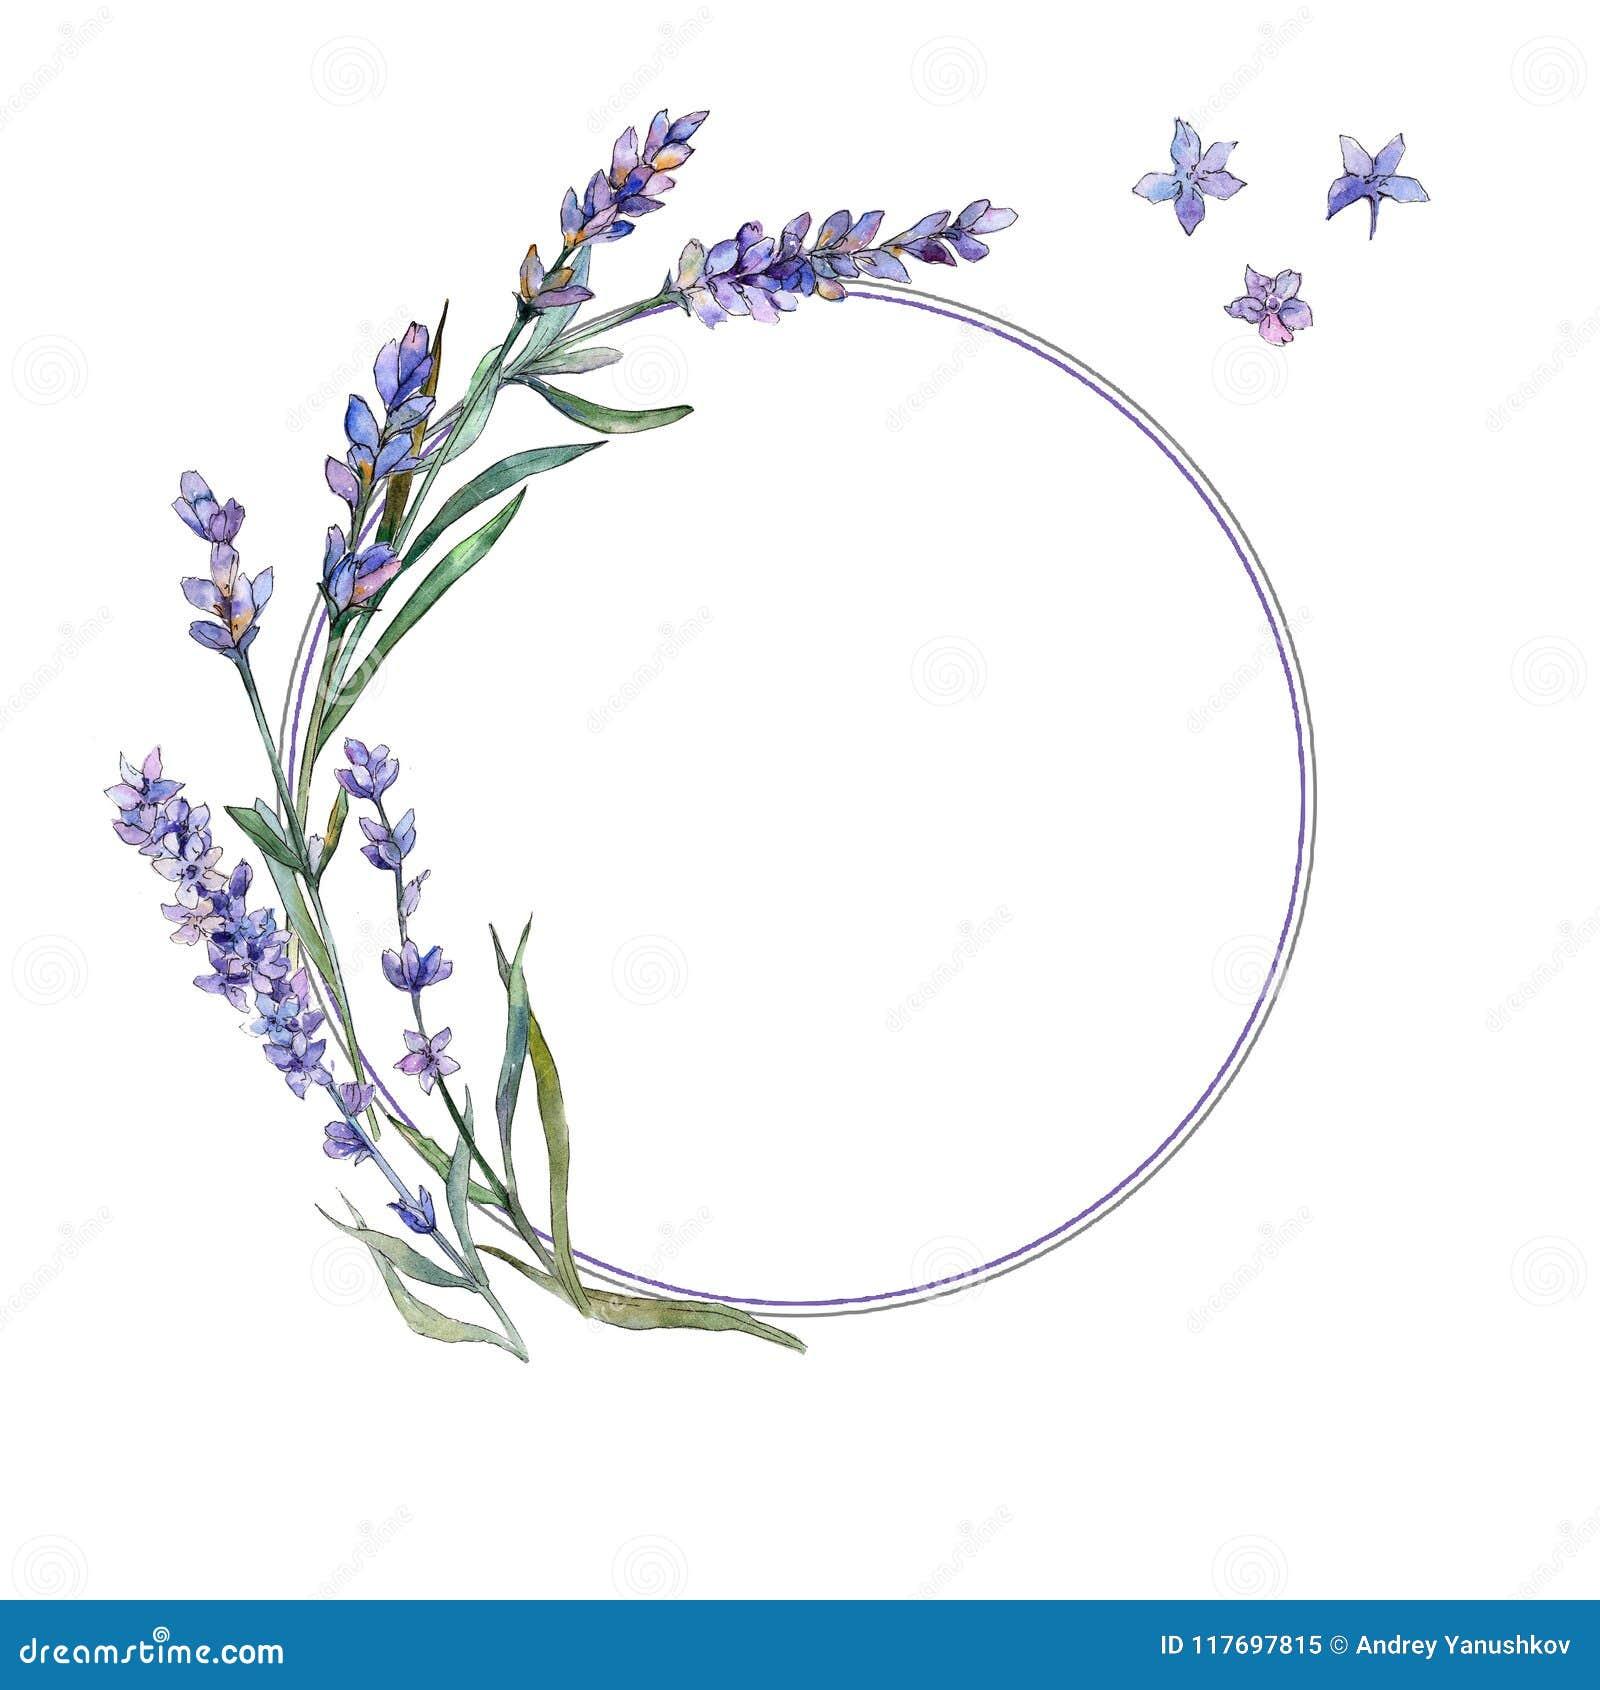 Violet lavender. Floral botanical flower. Frame border ornament square.